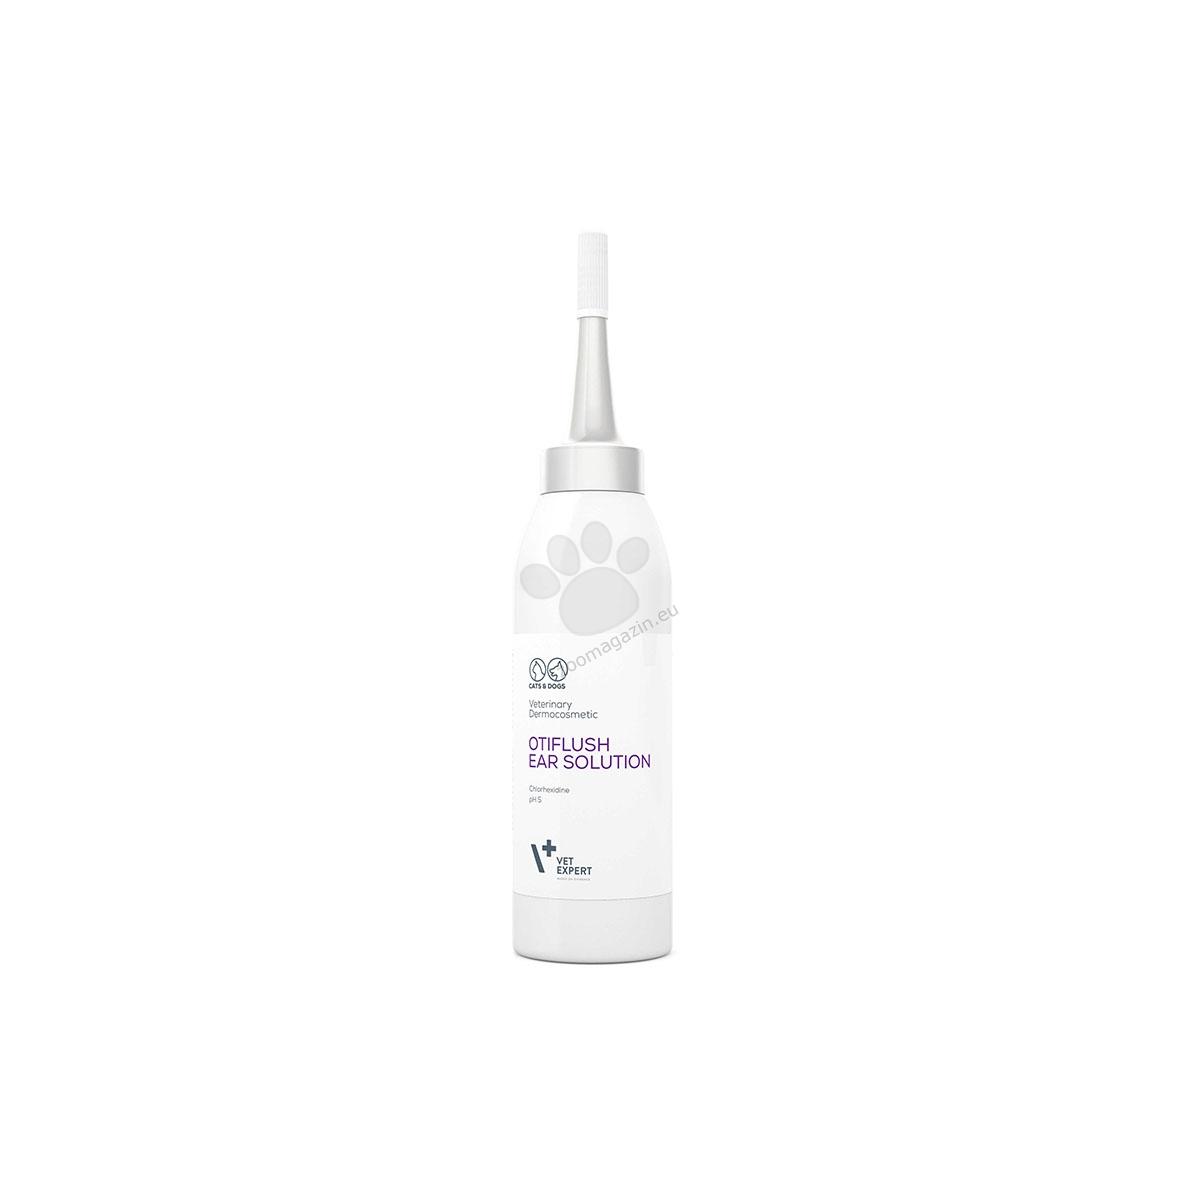 Vetexpert - OtiFlush ear solution - за оптимална хигиена на ушния канал 125 мл.